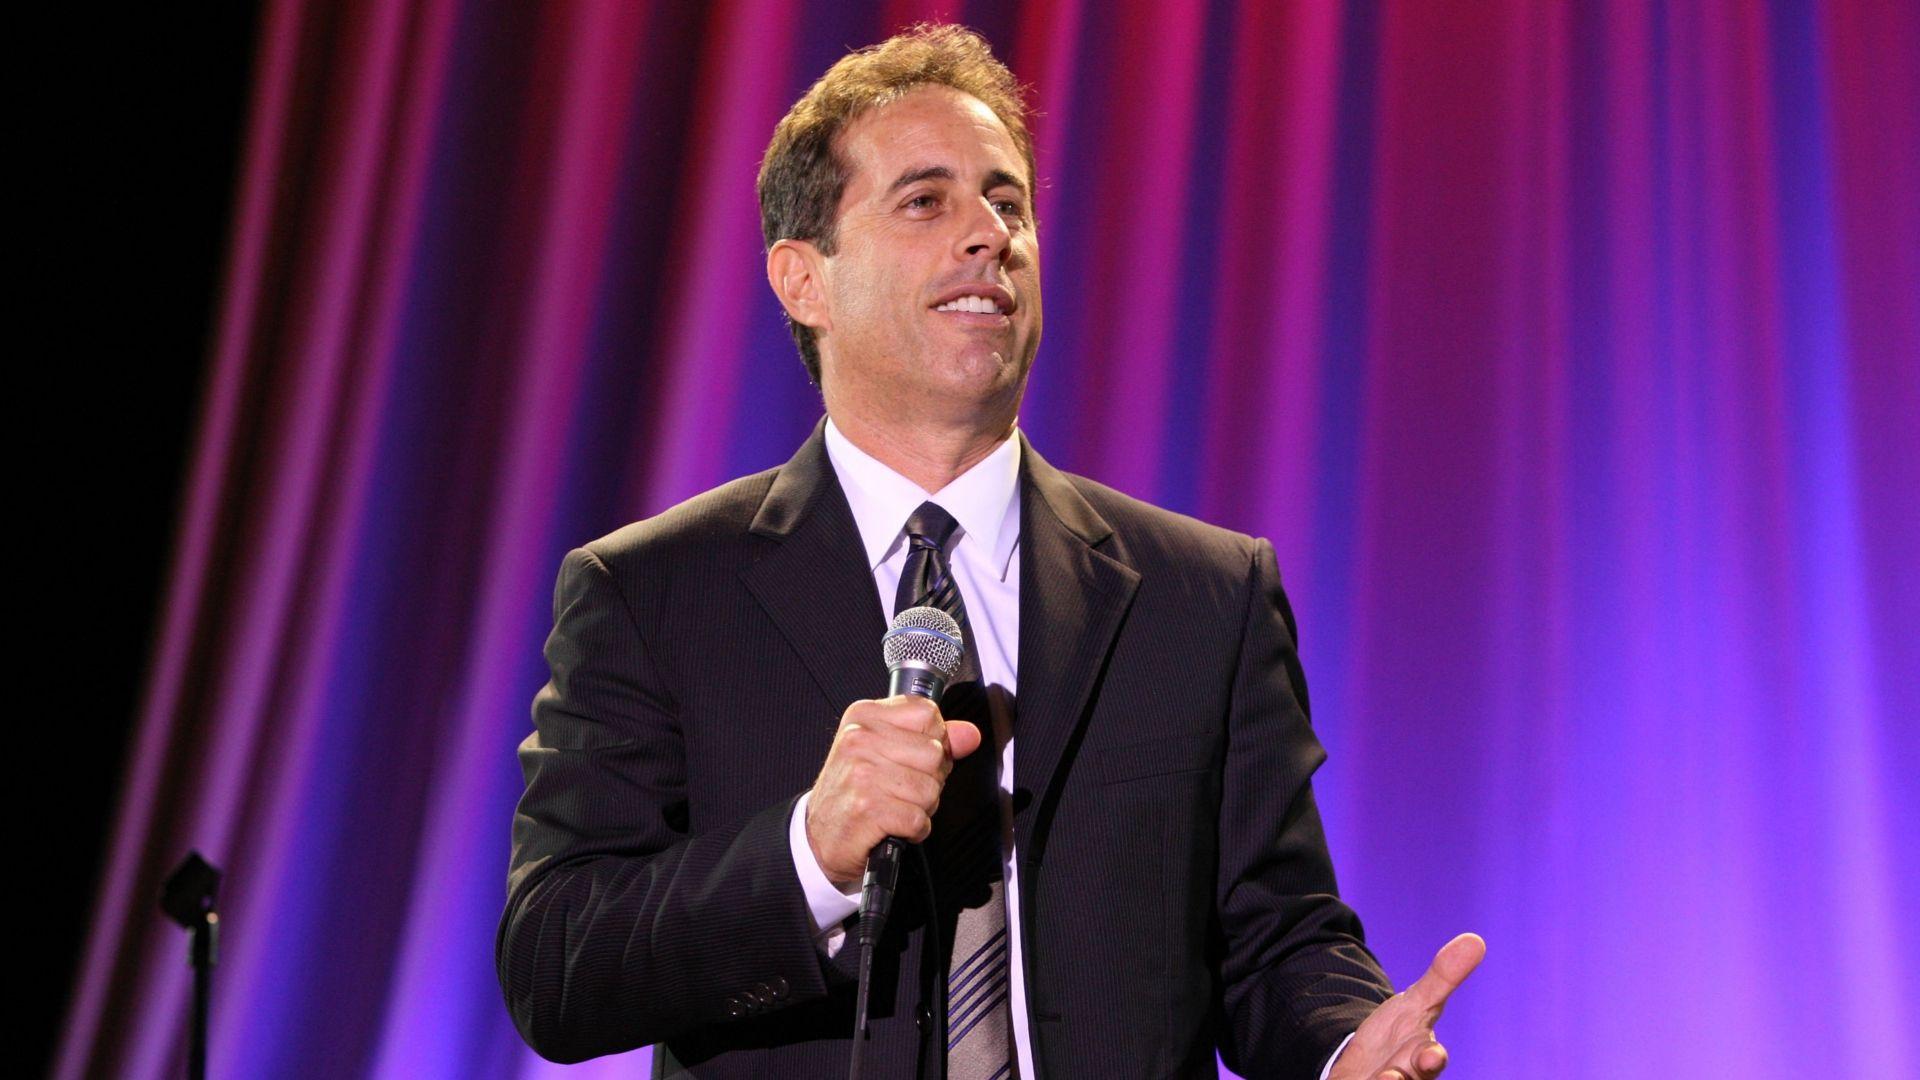 Jerry seinfield givinng speech